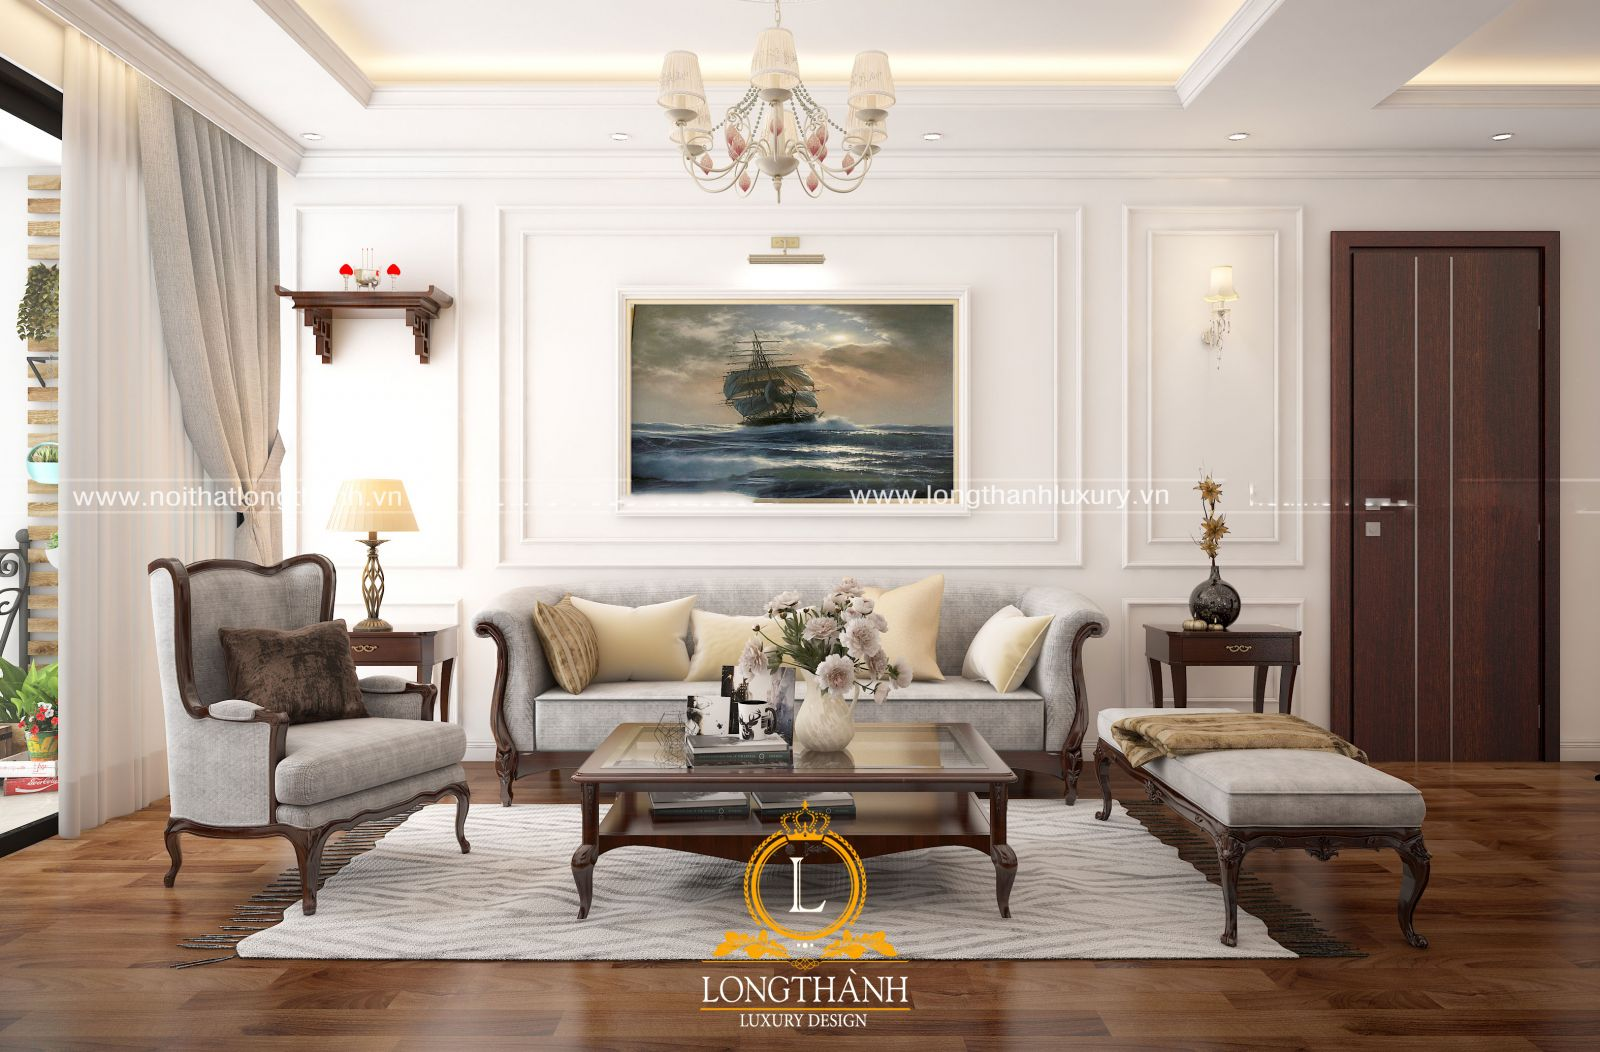 Bộ sofa màu xám làm cho phòng khách tân cổ điển thêm hài hòa